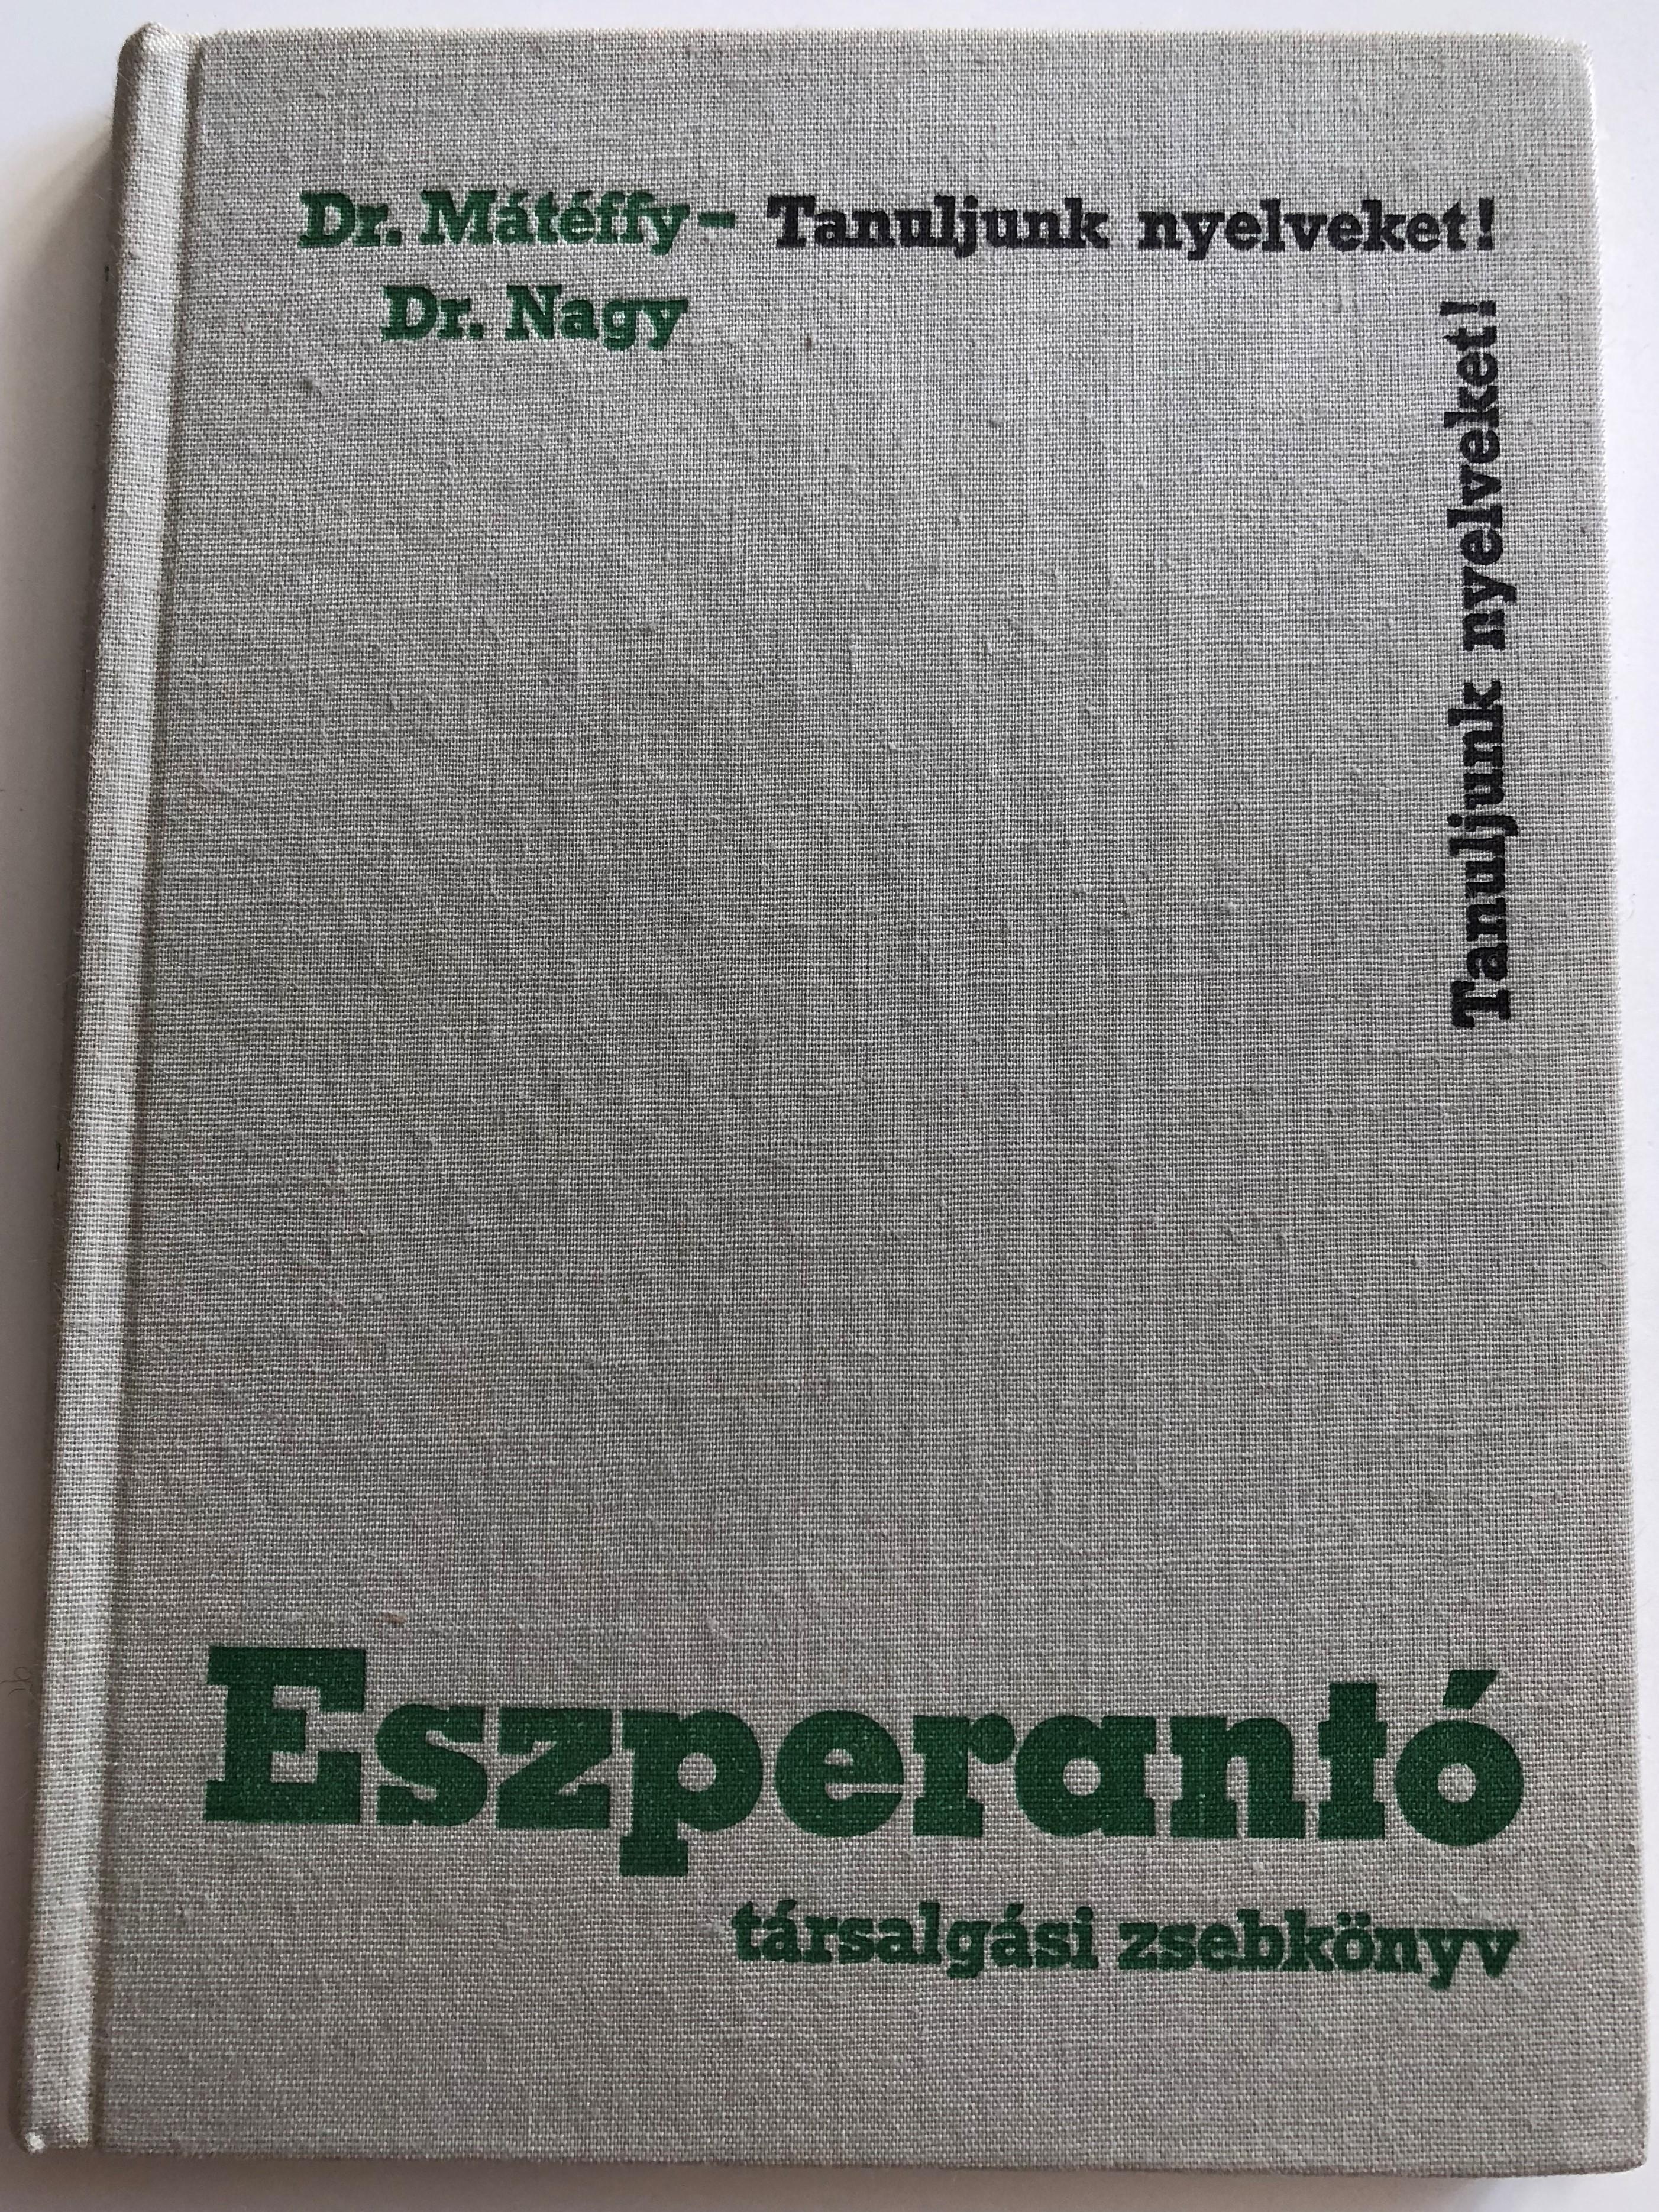 eszperant-t-rsalg-si-zsebk-nyv-by-dr.-m-t-ffy-dr.-nagy-1-.jpg